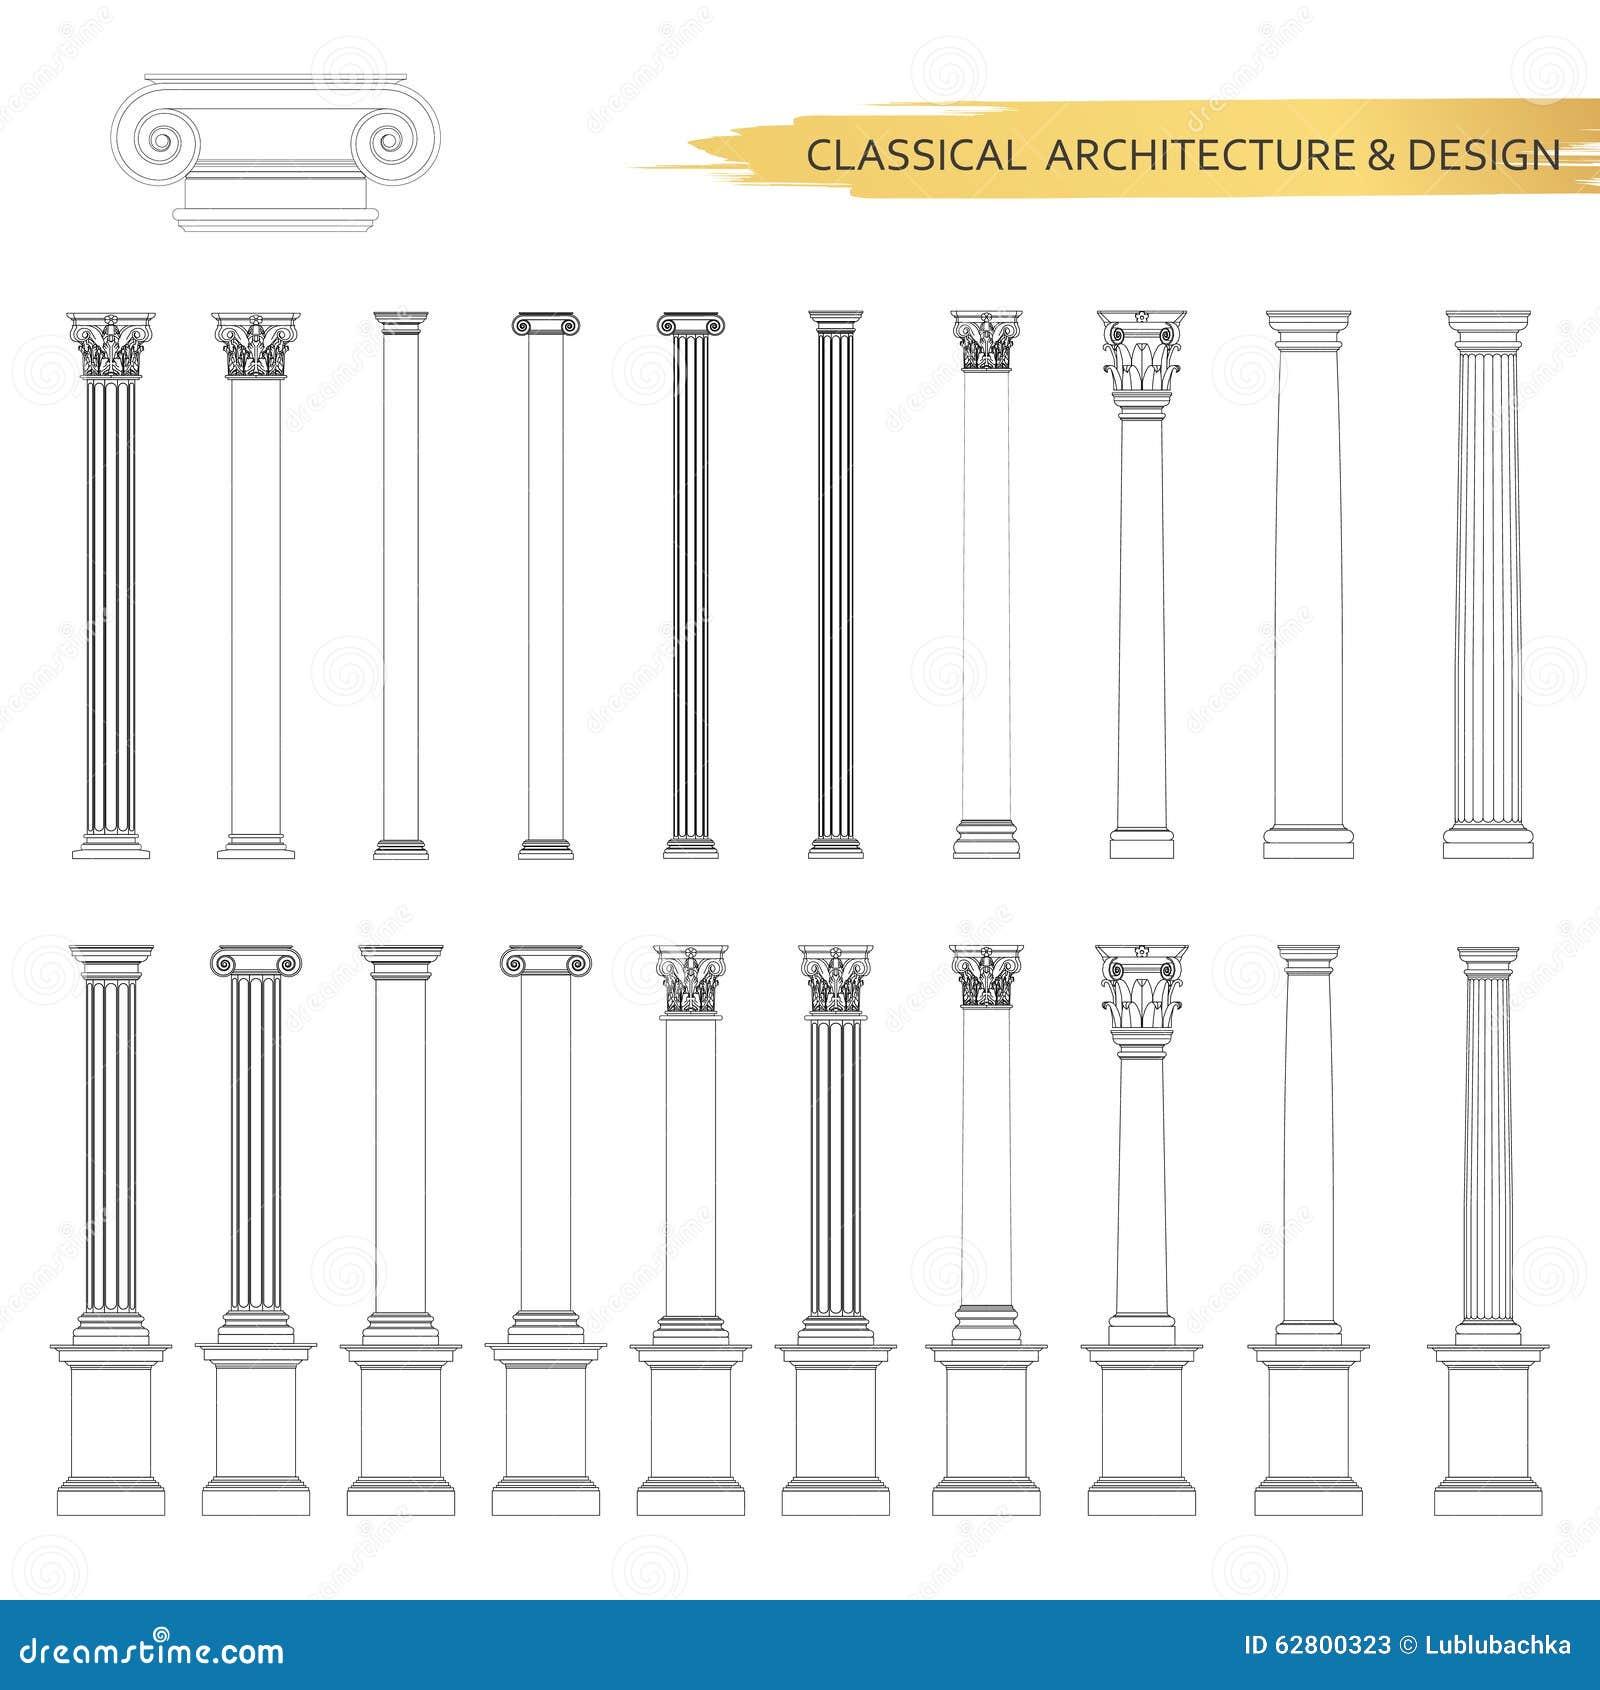 Desenhos arquitetónicos clássicos do formulário no grupo Elementos do projeto do desenho do vetor para a arquitetura clássica